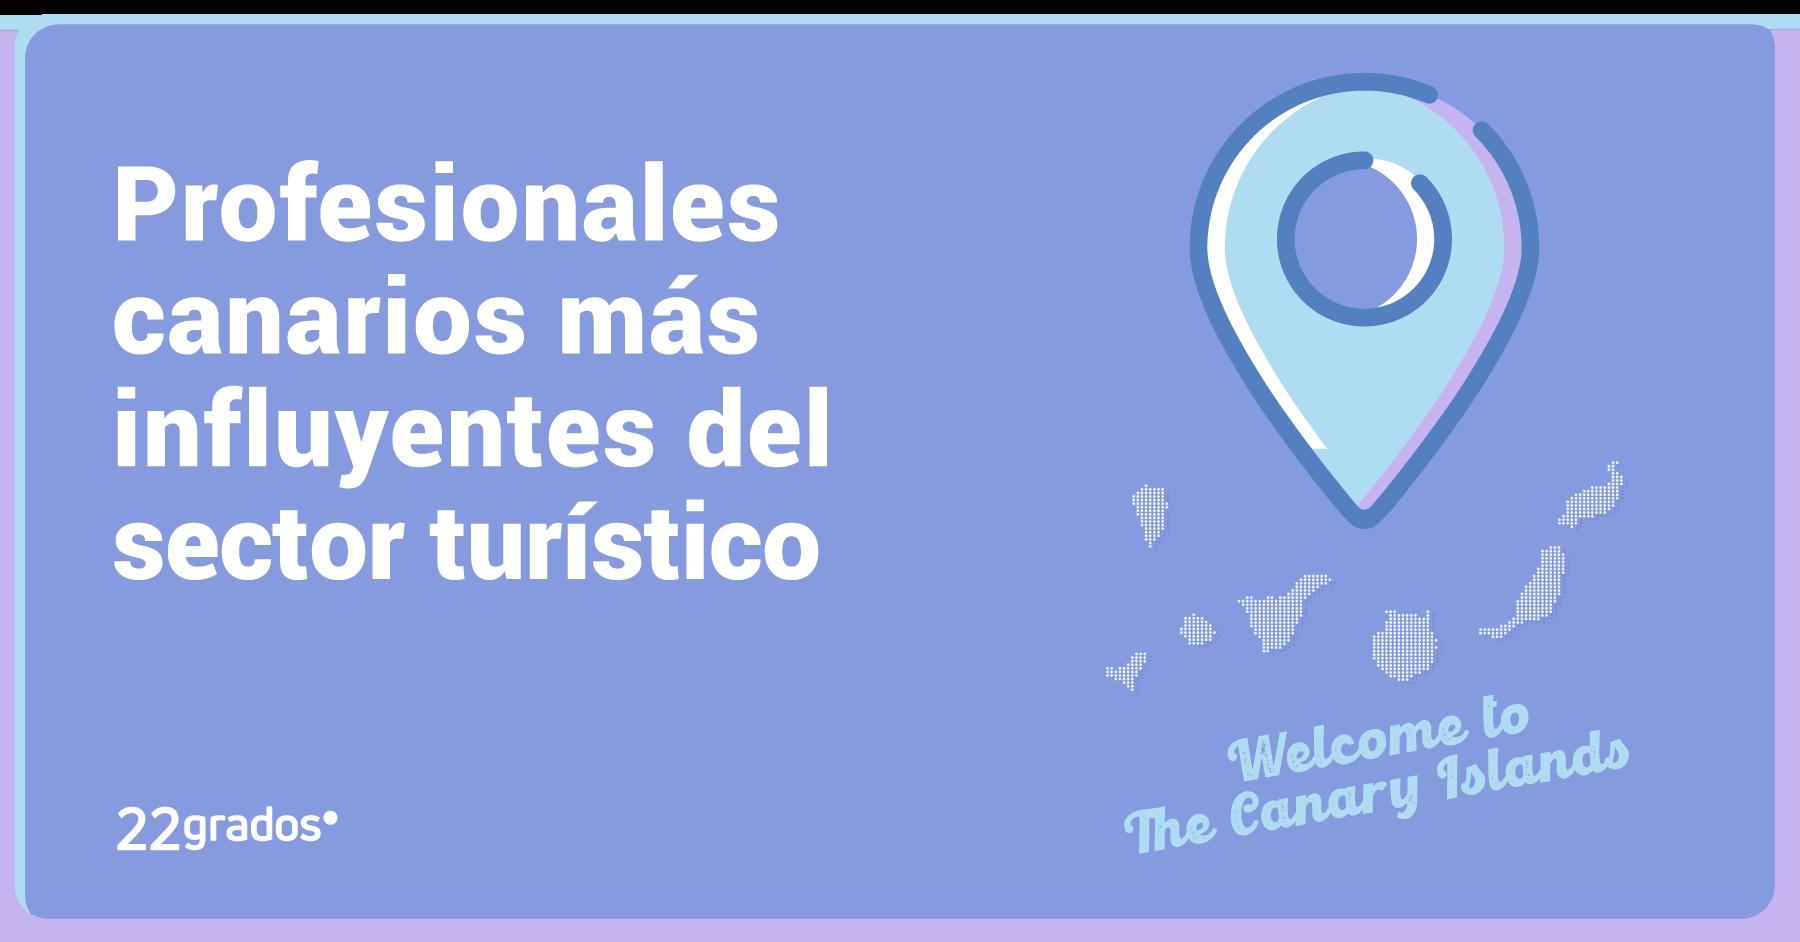 ¿Quiénes son los profesionales canarios más influyentes del sector turístico?